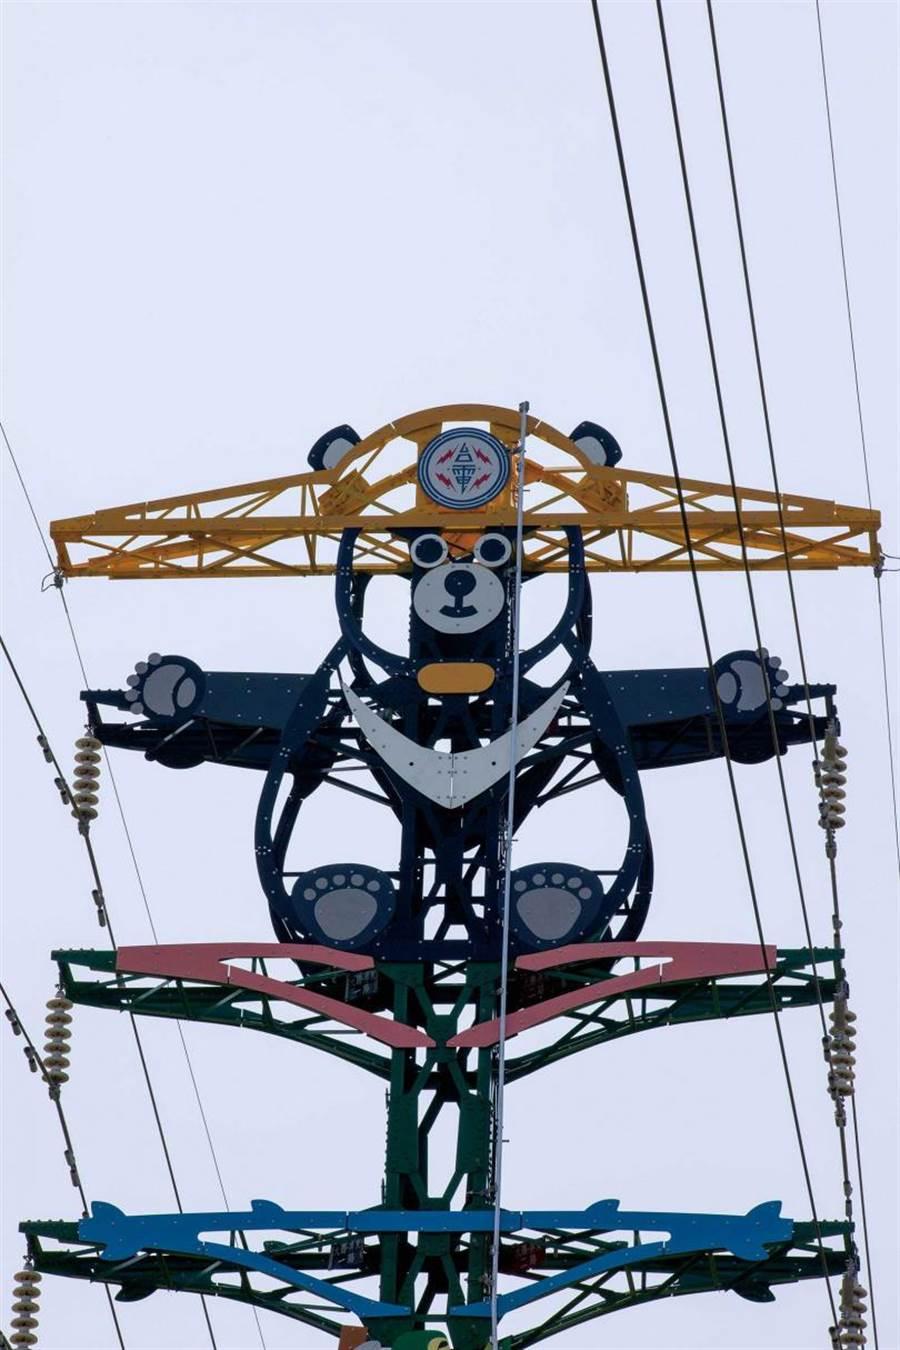 彩繪了台灣黑熊的電塔,廢棄後因造型特殊,成為台灣少見的景觀電塔。(圖/宋岱融攝)